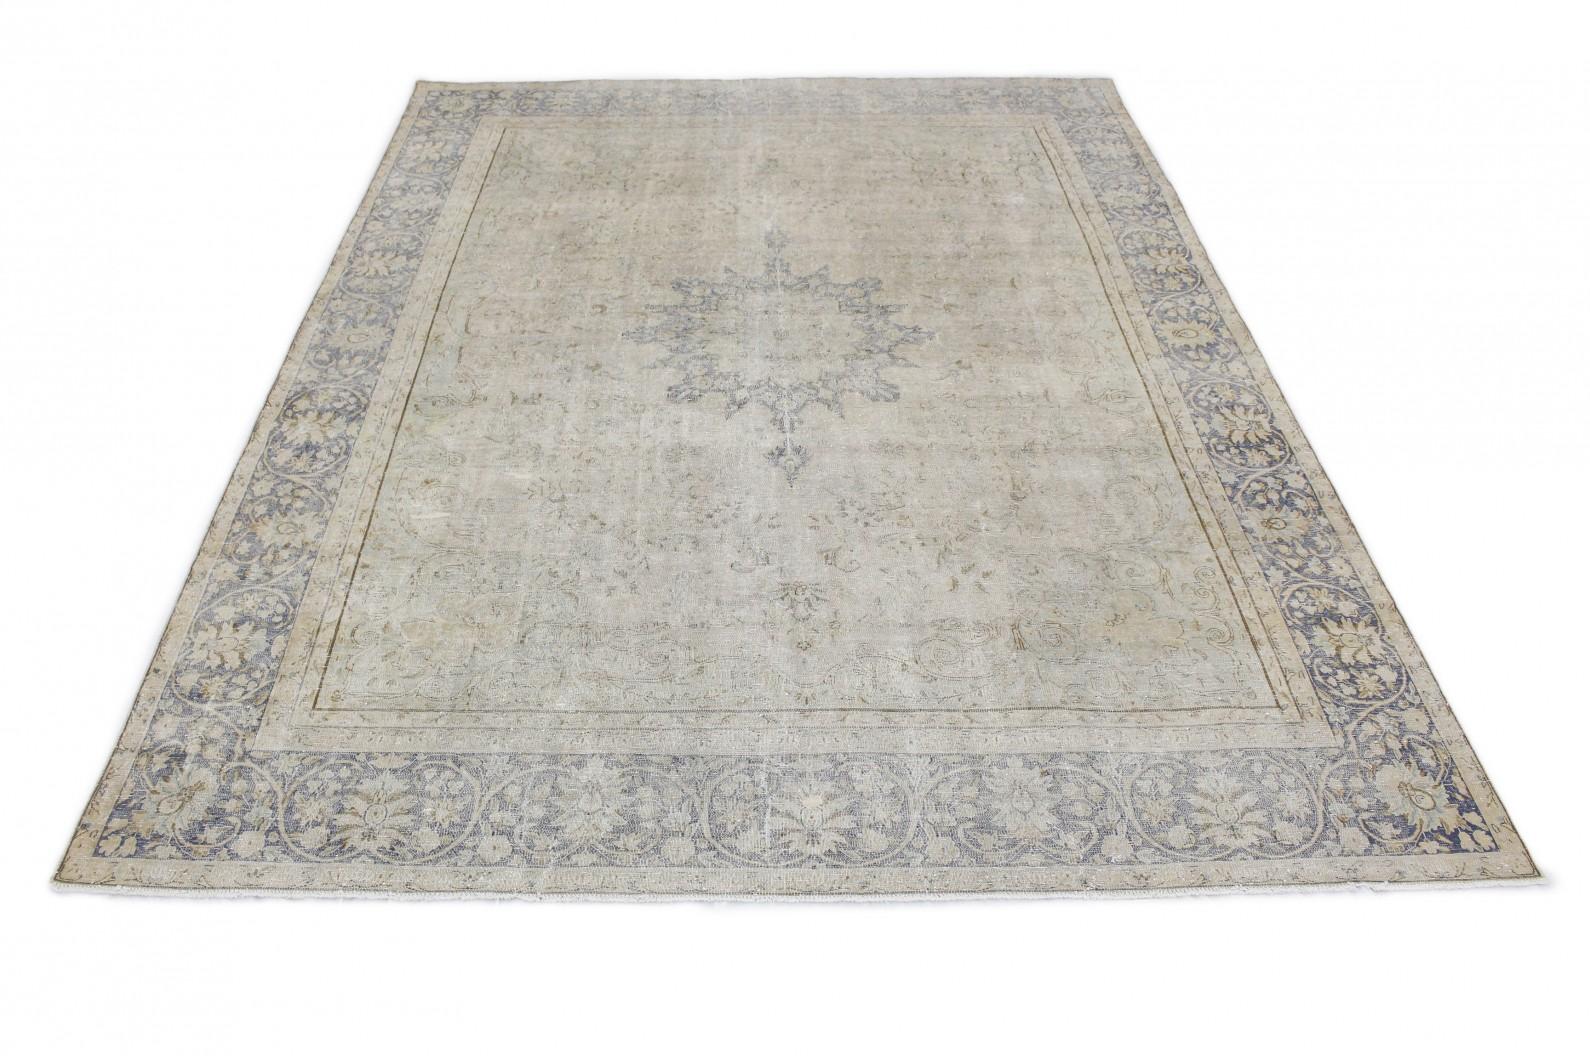 Vintage Teppich Grau Blau in 410x290 (1 / 3)